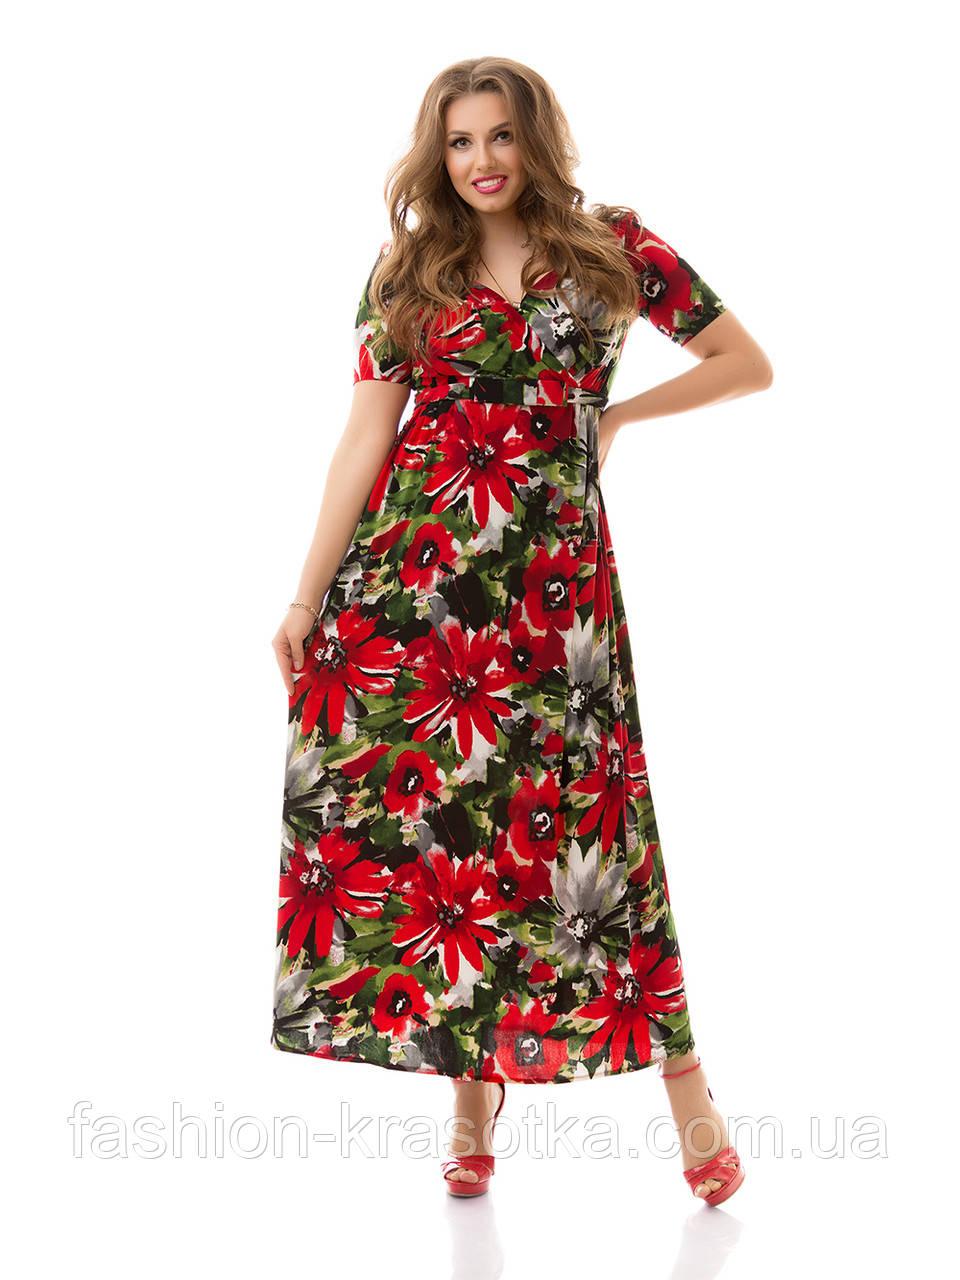 Платье в пол с поясом  отшив под заказ